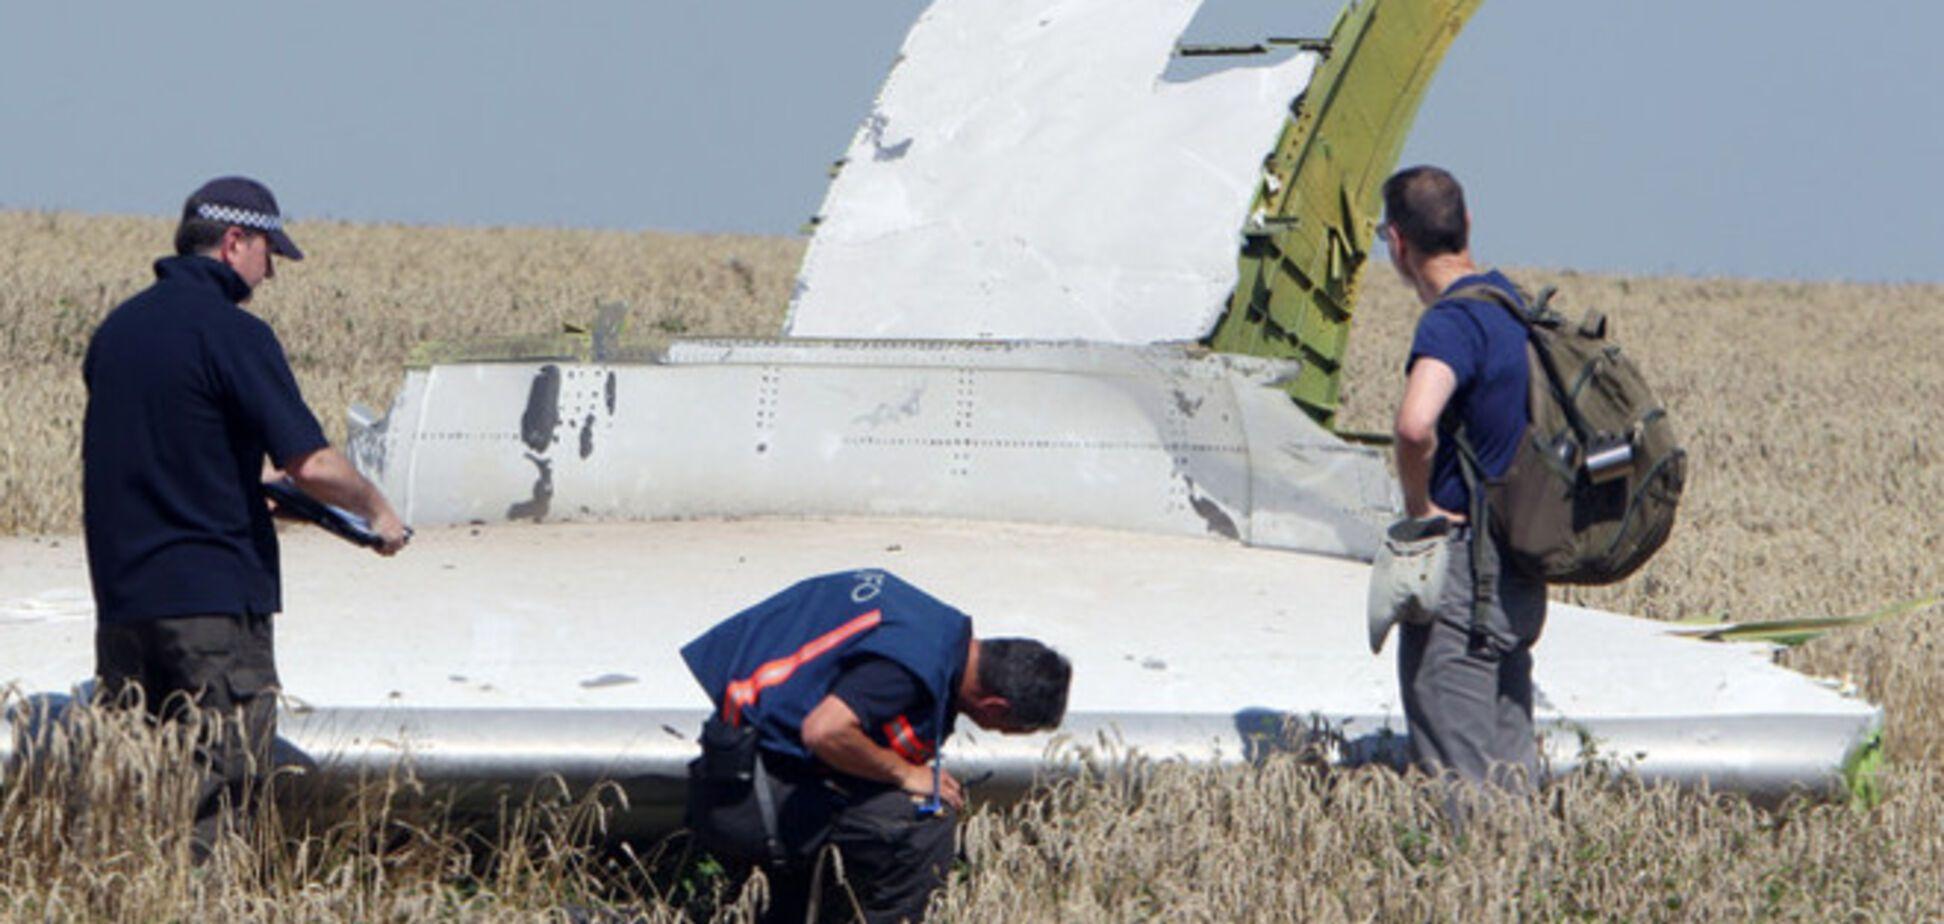 Росія готова була вбити своїх громадян, аби почати війну з Україною